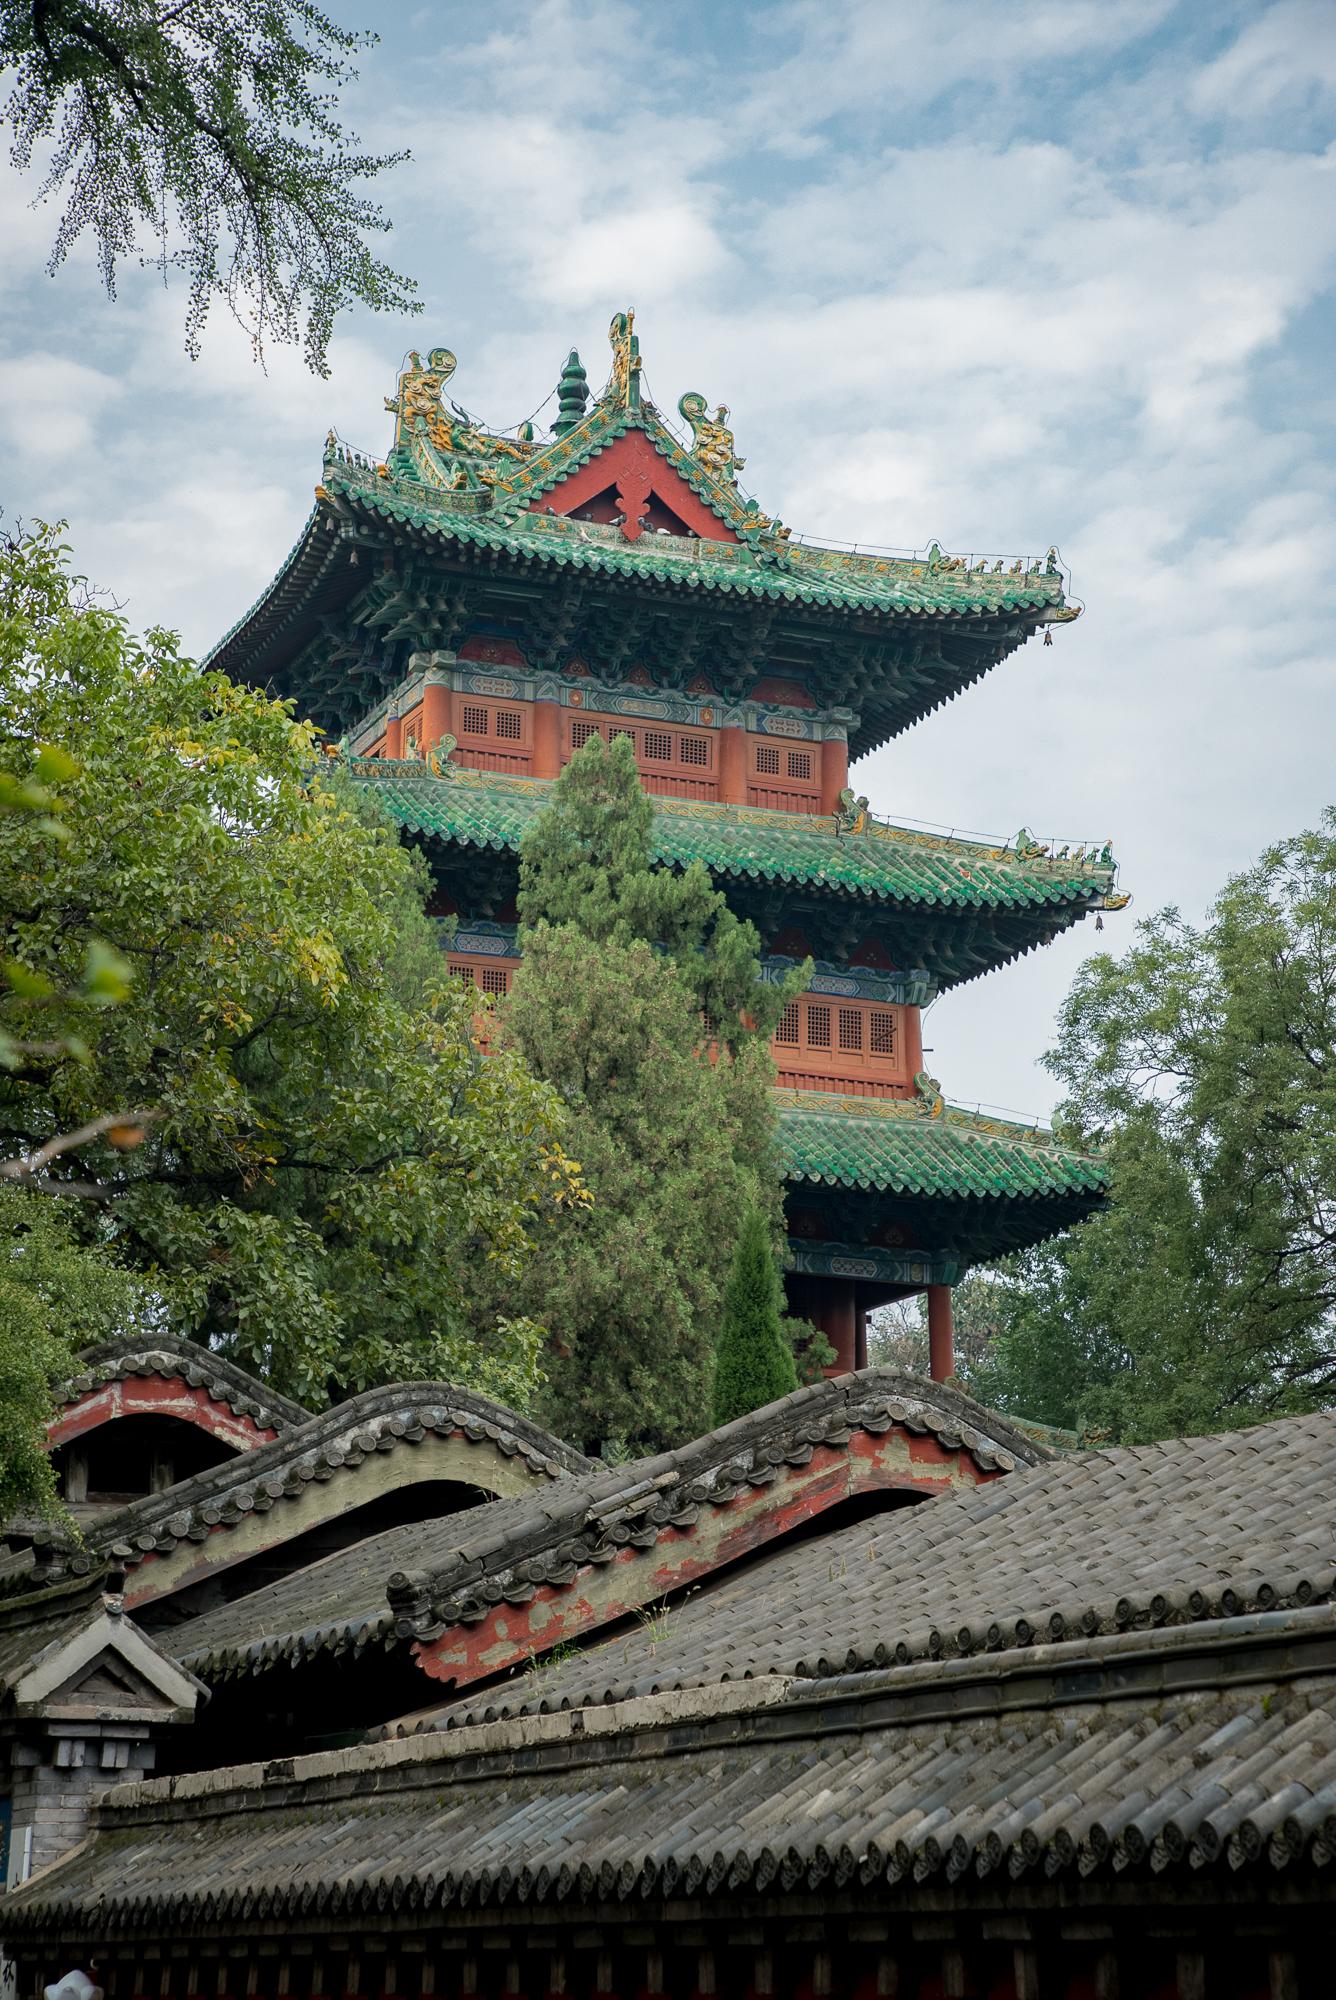 Shaolin-Photos-A7S-00100-HDR.jpg